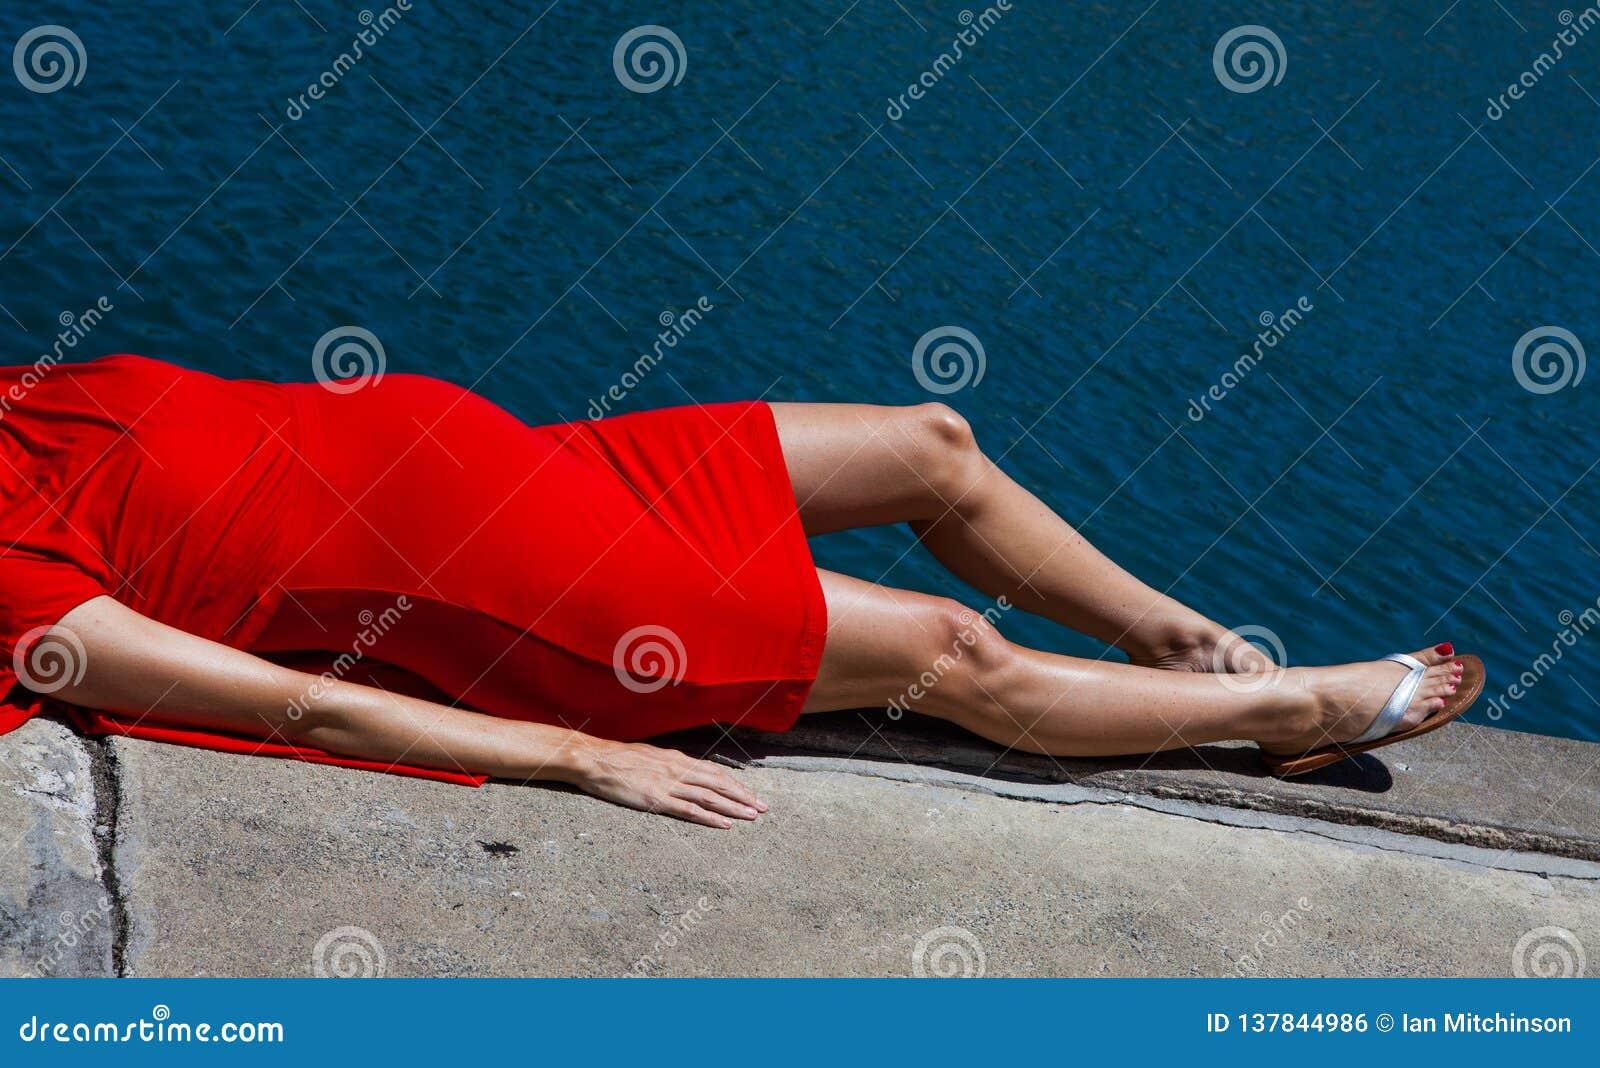 Le signore incinte minute esili si gonfiano Riposandosi in vestito rosso sopra